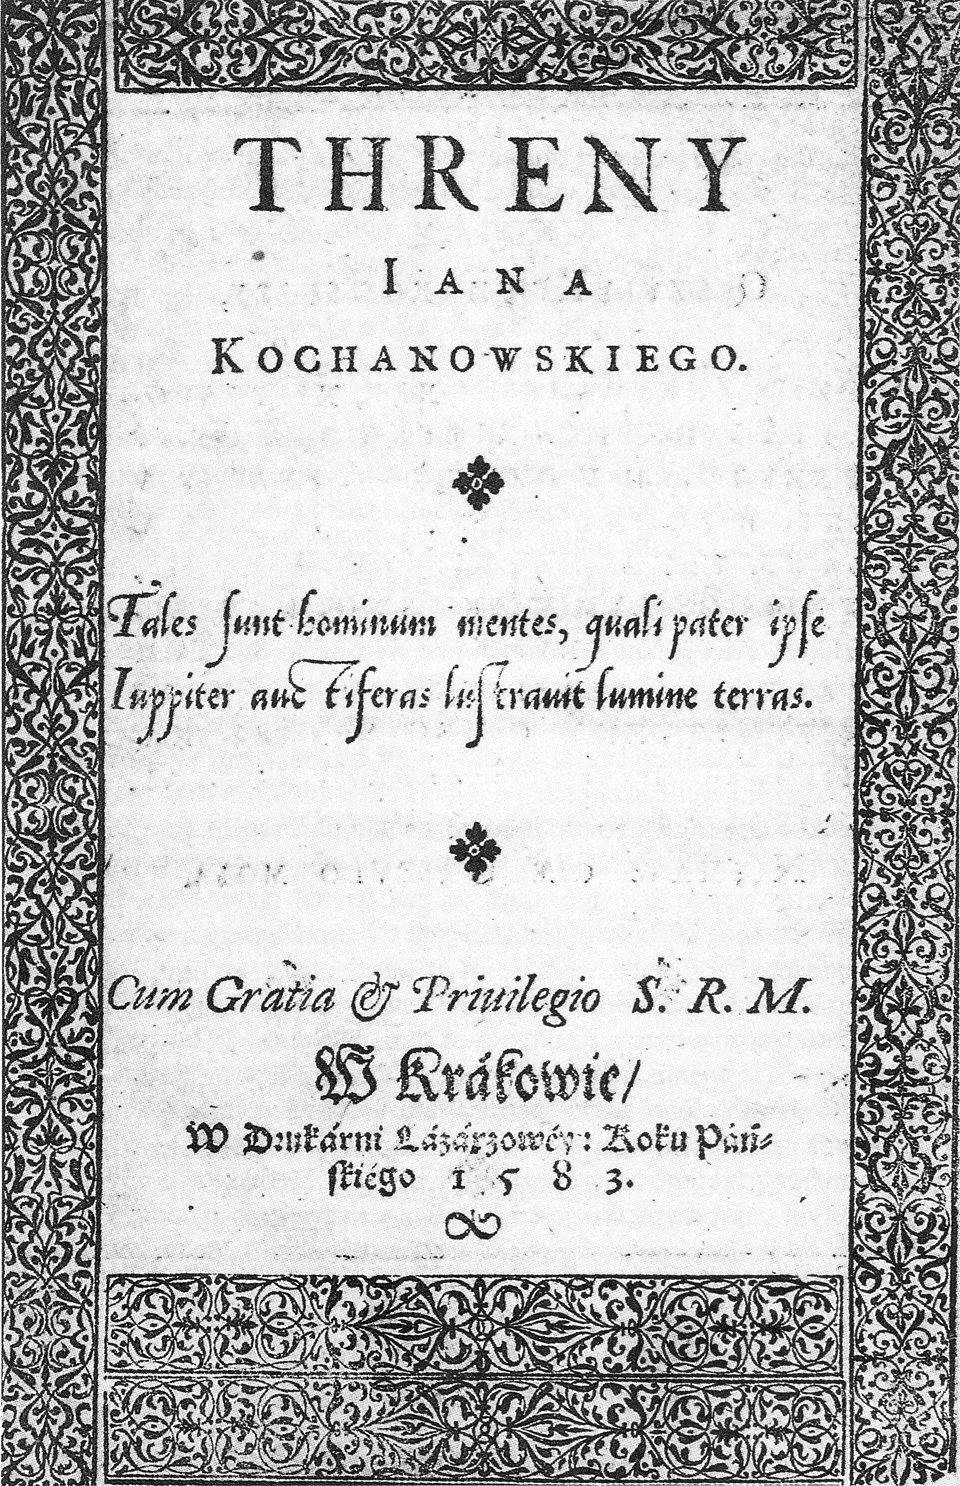 Strona tytułowa drugiego wydania trenów Jana Kochanowskiego– znalazły one uznanie wśród czytelników, oczym świadczy to, żewciągu zaledwie pięciu lat wznawiano je trzykrotnie (w1580, 1583, 1585 r.). Strona tytułowa drugiego wydania trenów Jana Kochanowskiego– znalazły one uznanie wśród czytelników, oczym świadczy to, żewciągu zaledwie pięciu lat wznawiano je trzykrotnie (w1580, 1583, 1585 r.). Źródło: domena publiczna.